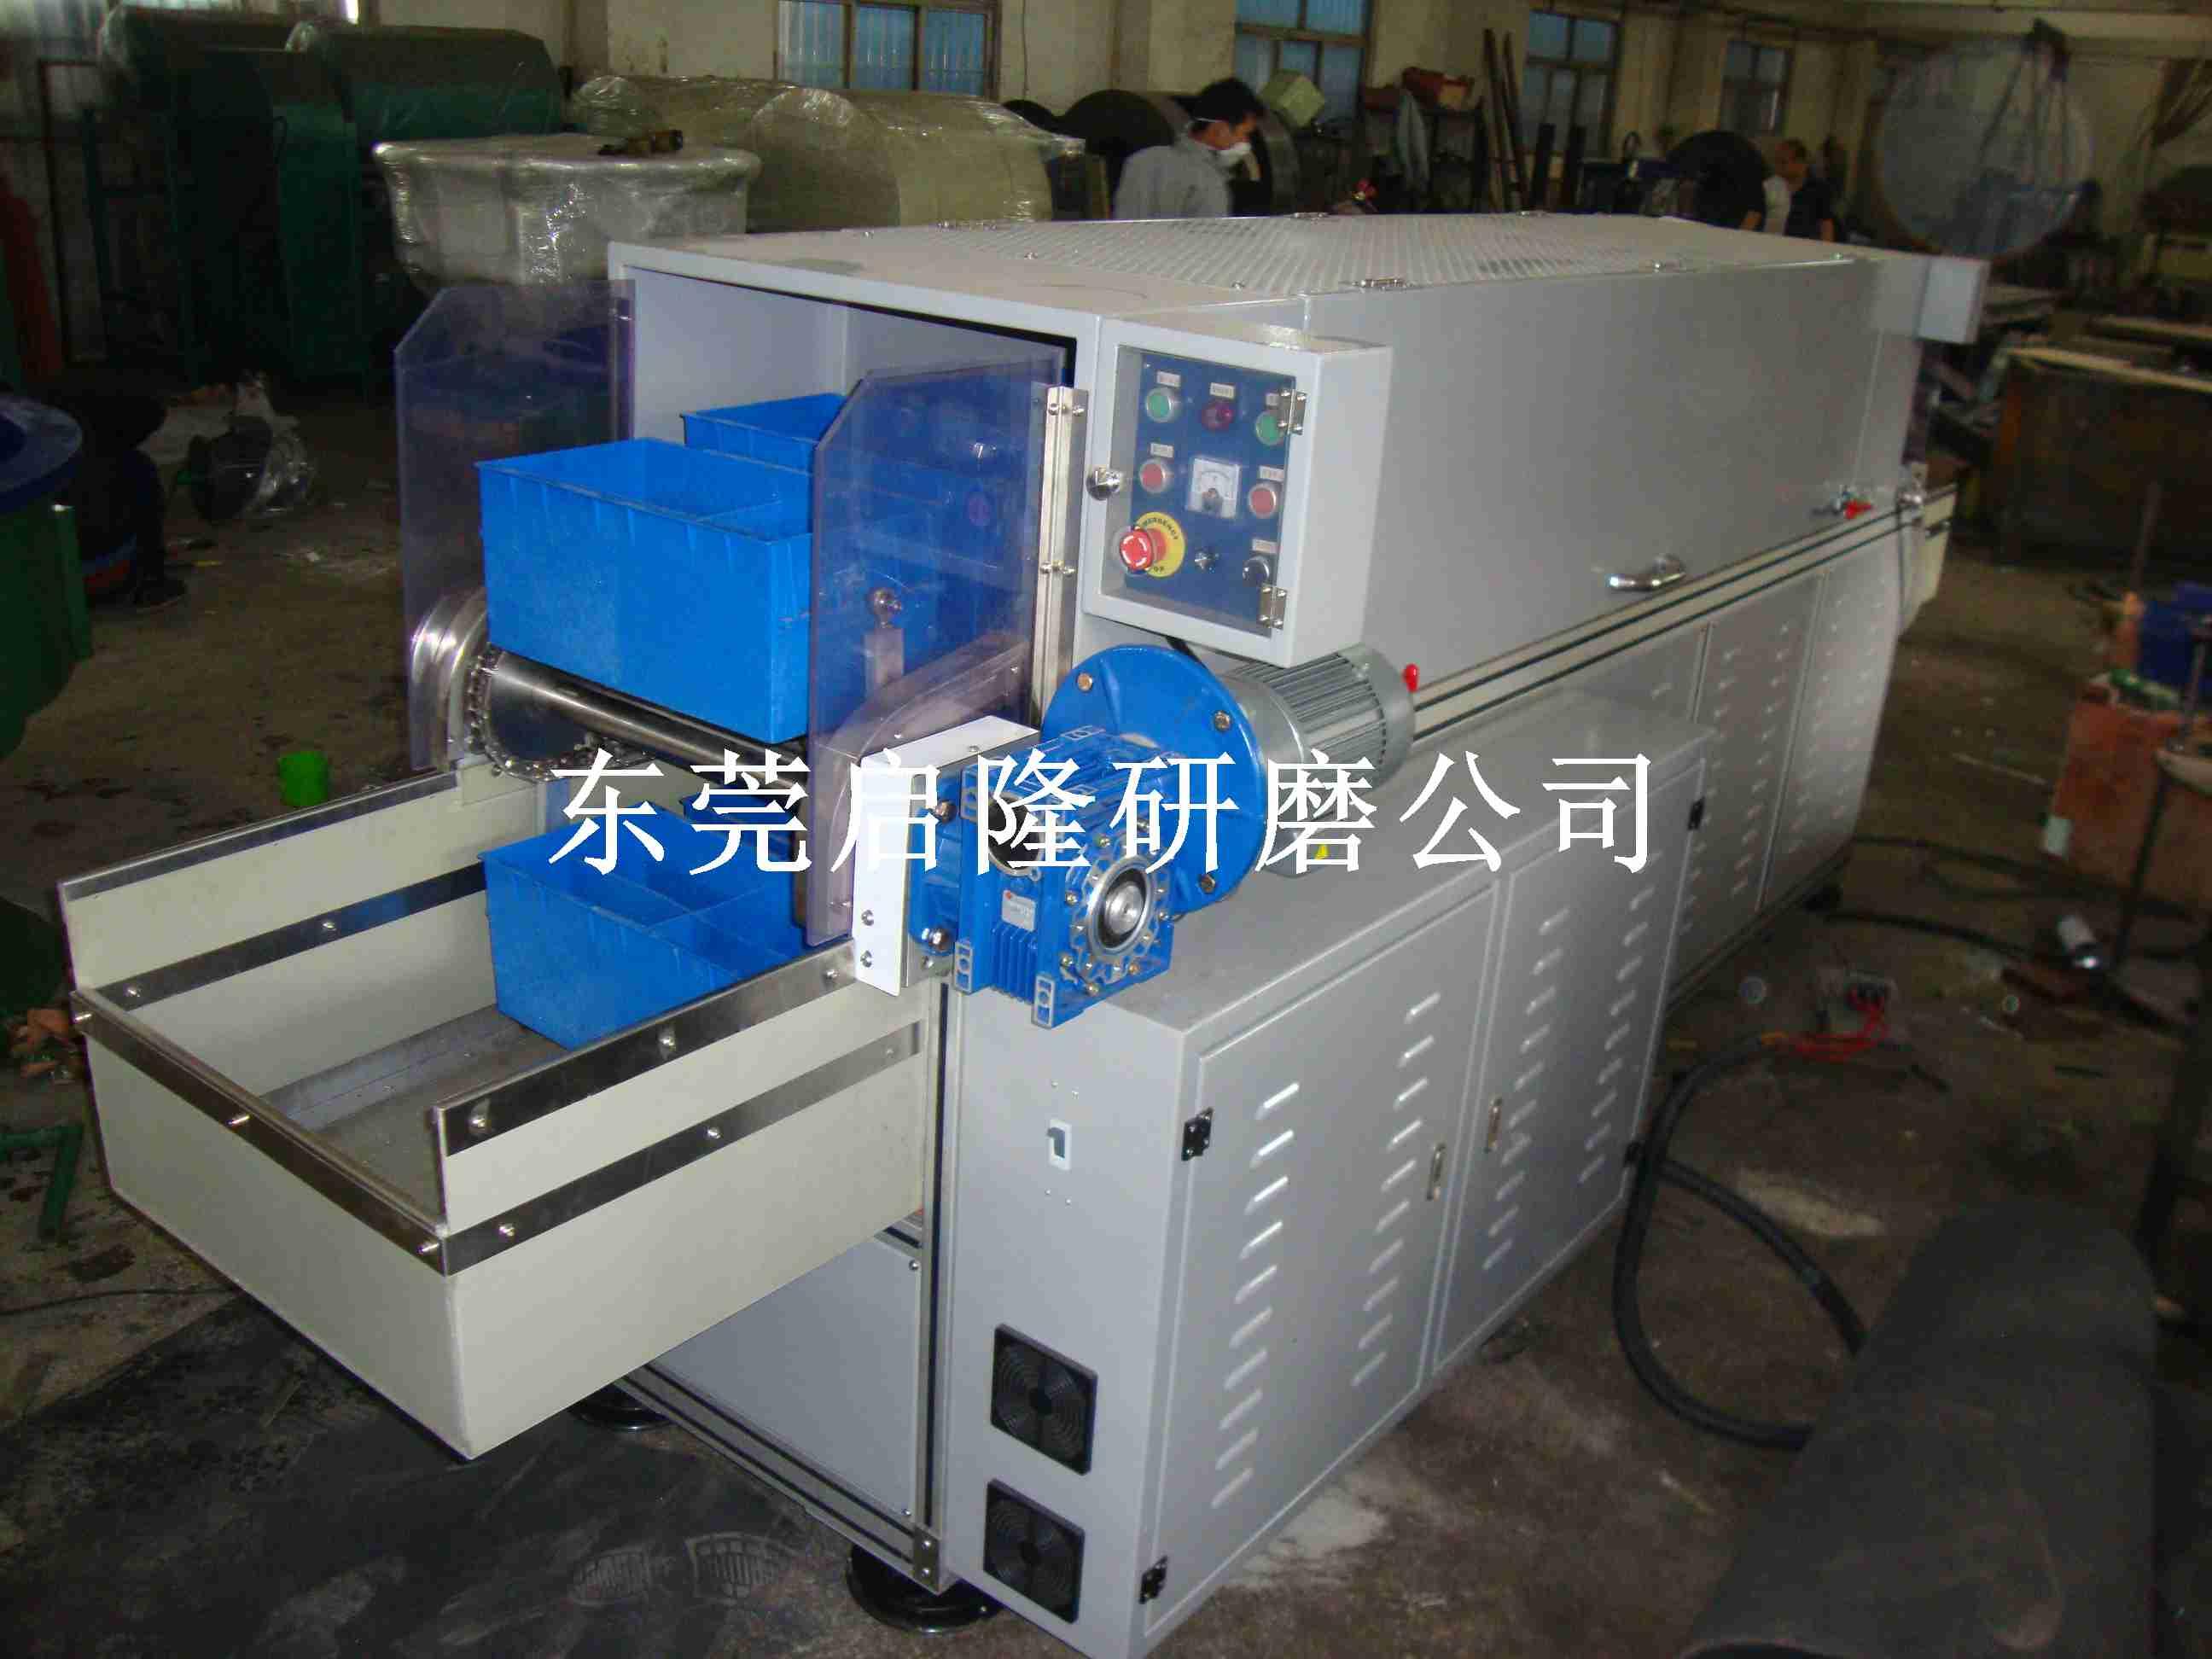 启隆研磨研发出全自动磁力研磨机